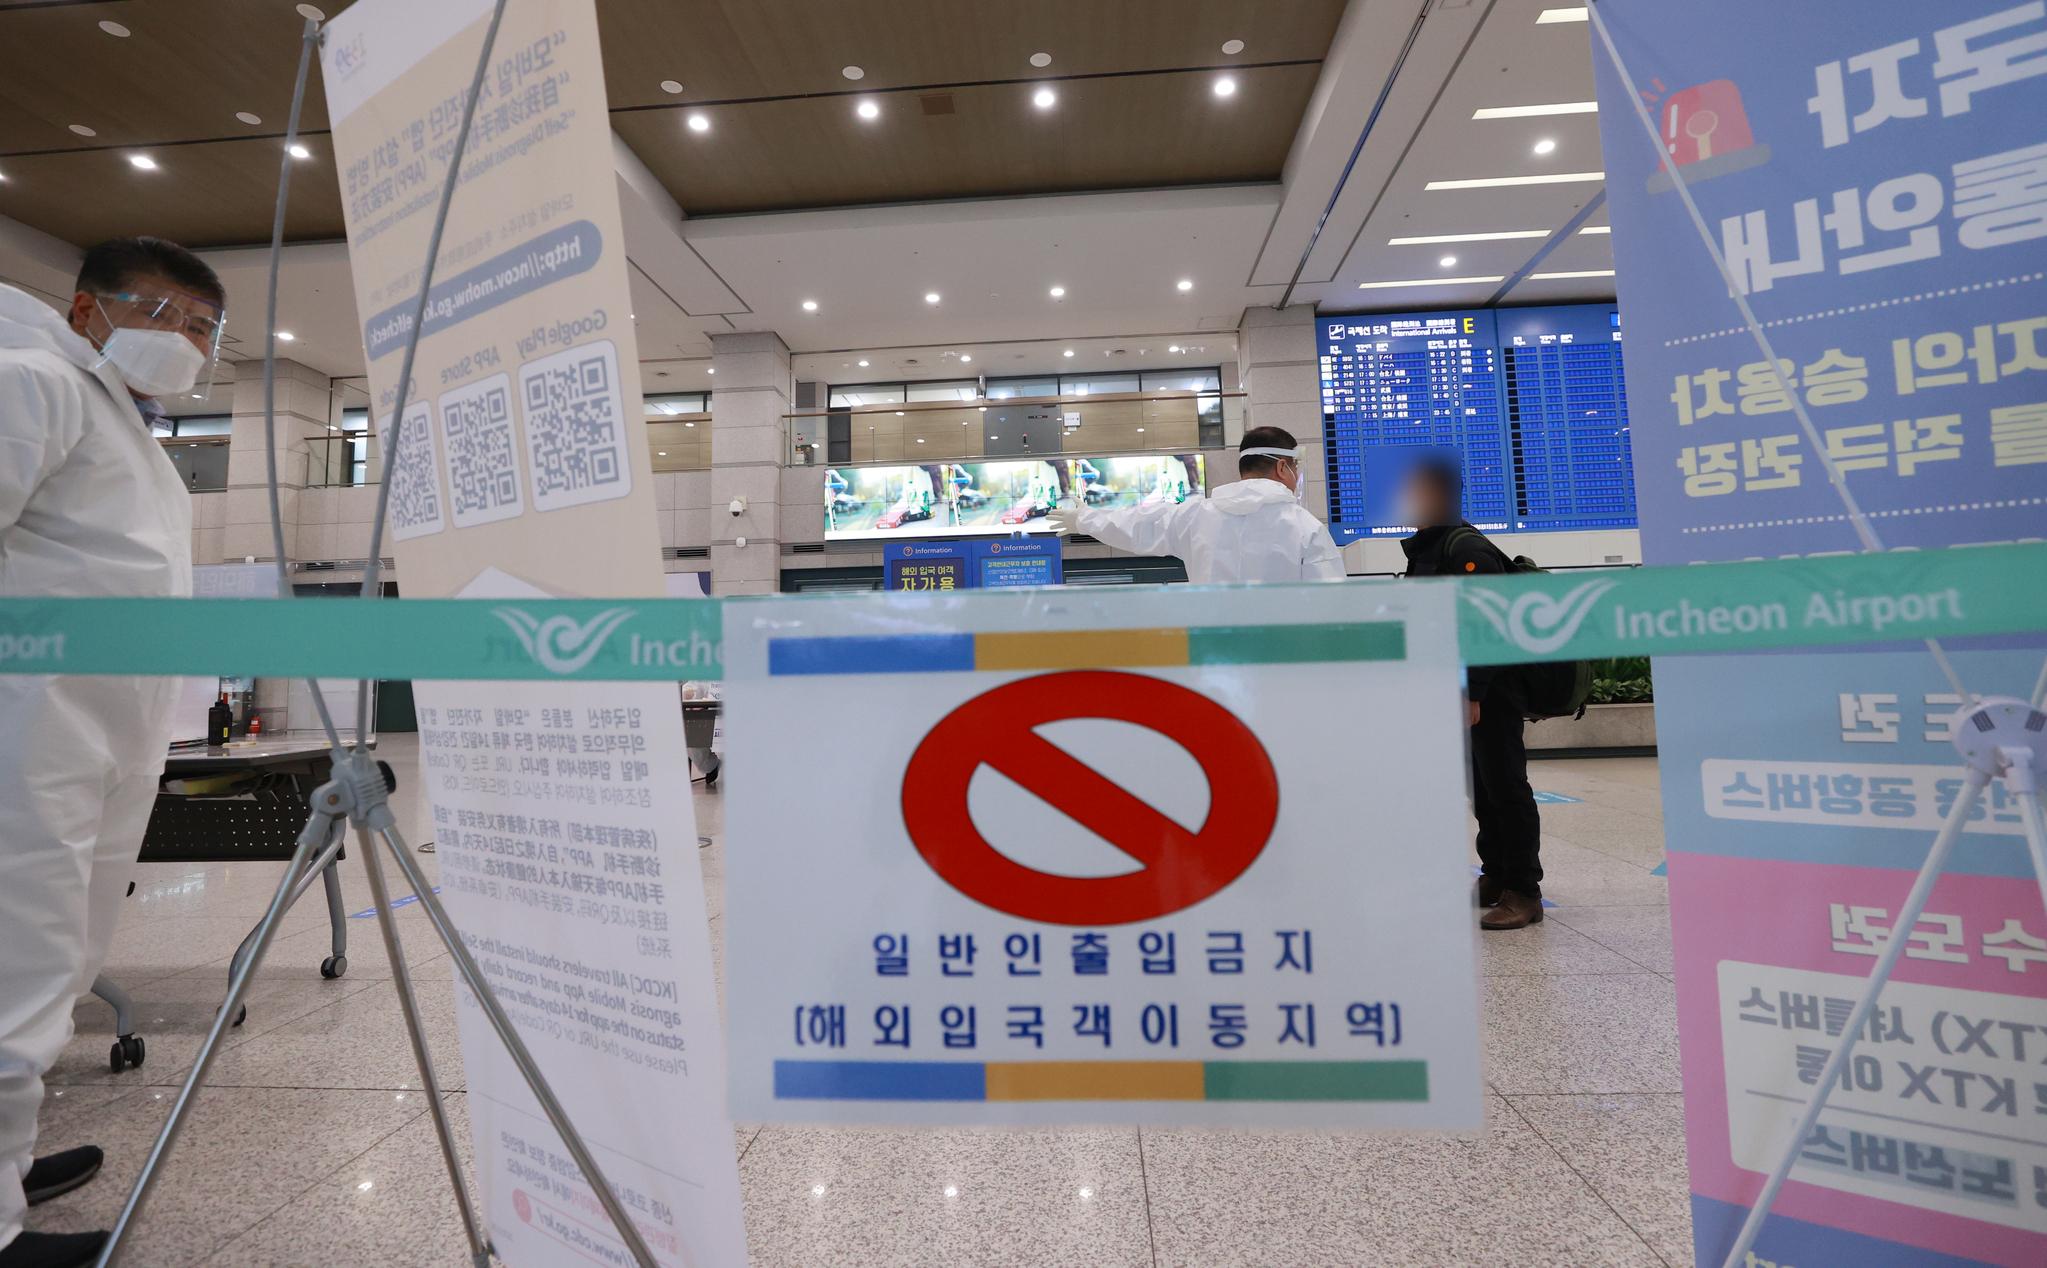 3일 오후 인천국제공항 제1여객터미널에서 입국자들이 공항 방역절차에 따라 이동하고 있다. 연합뉴스